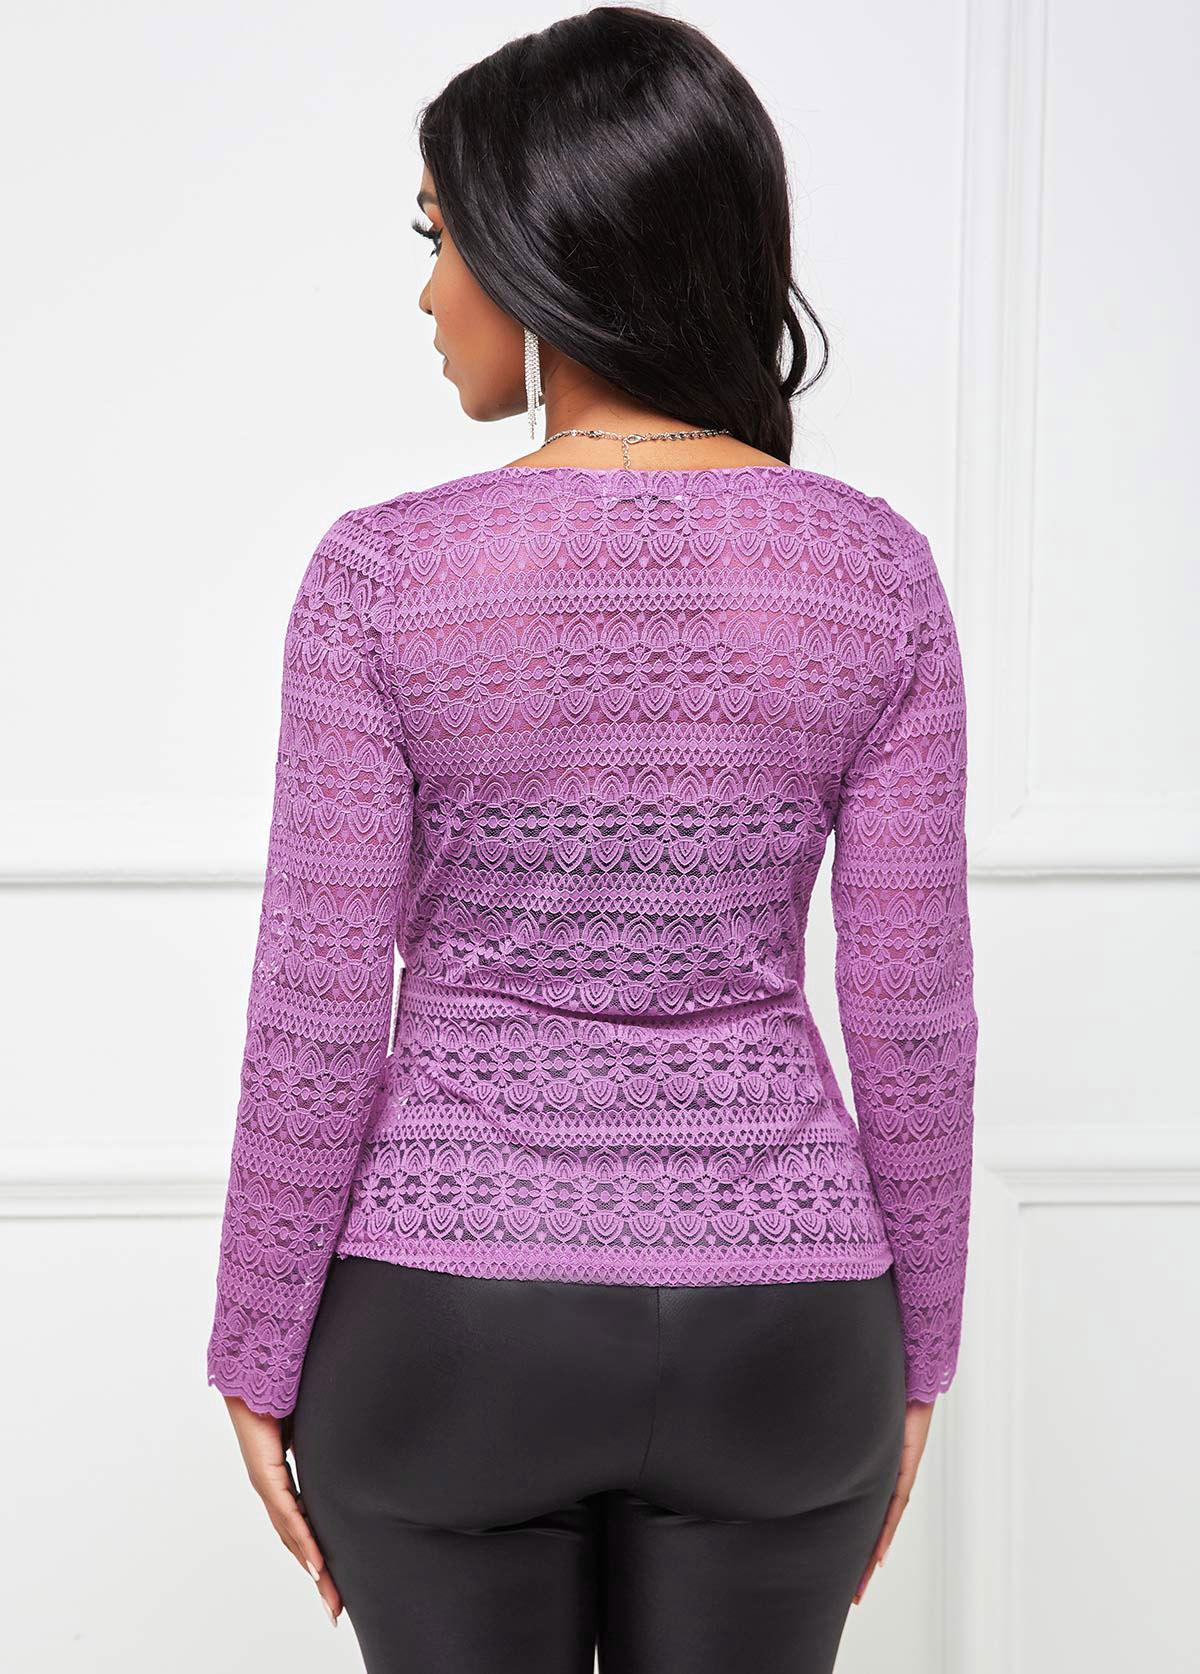 Rhinestone Buckle Lace V Neck T Shirt